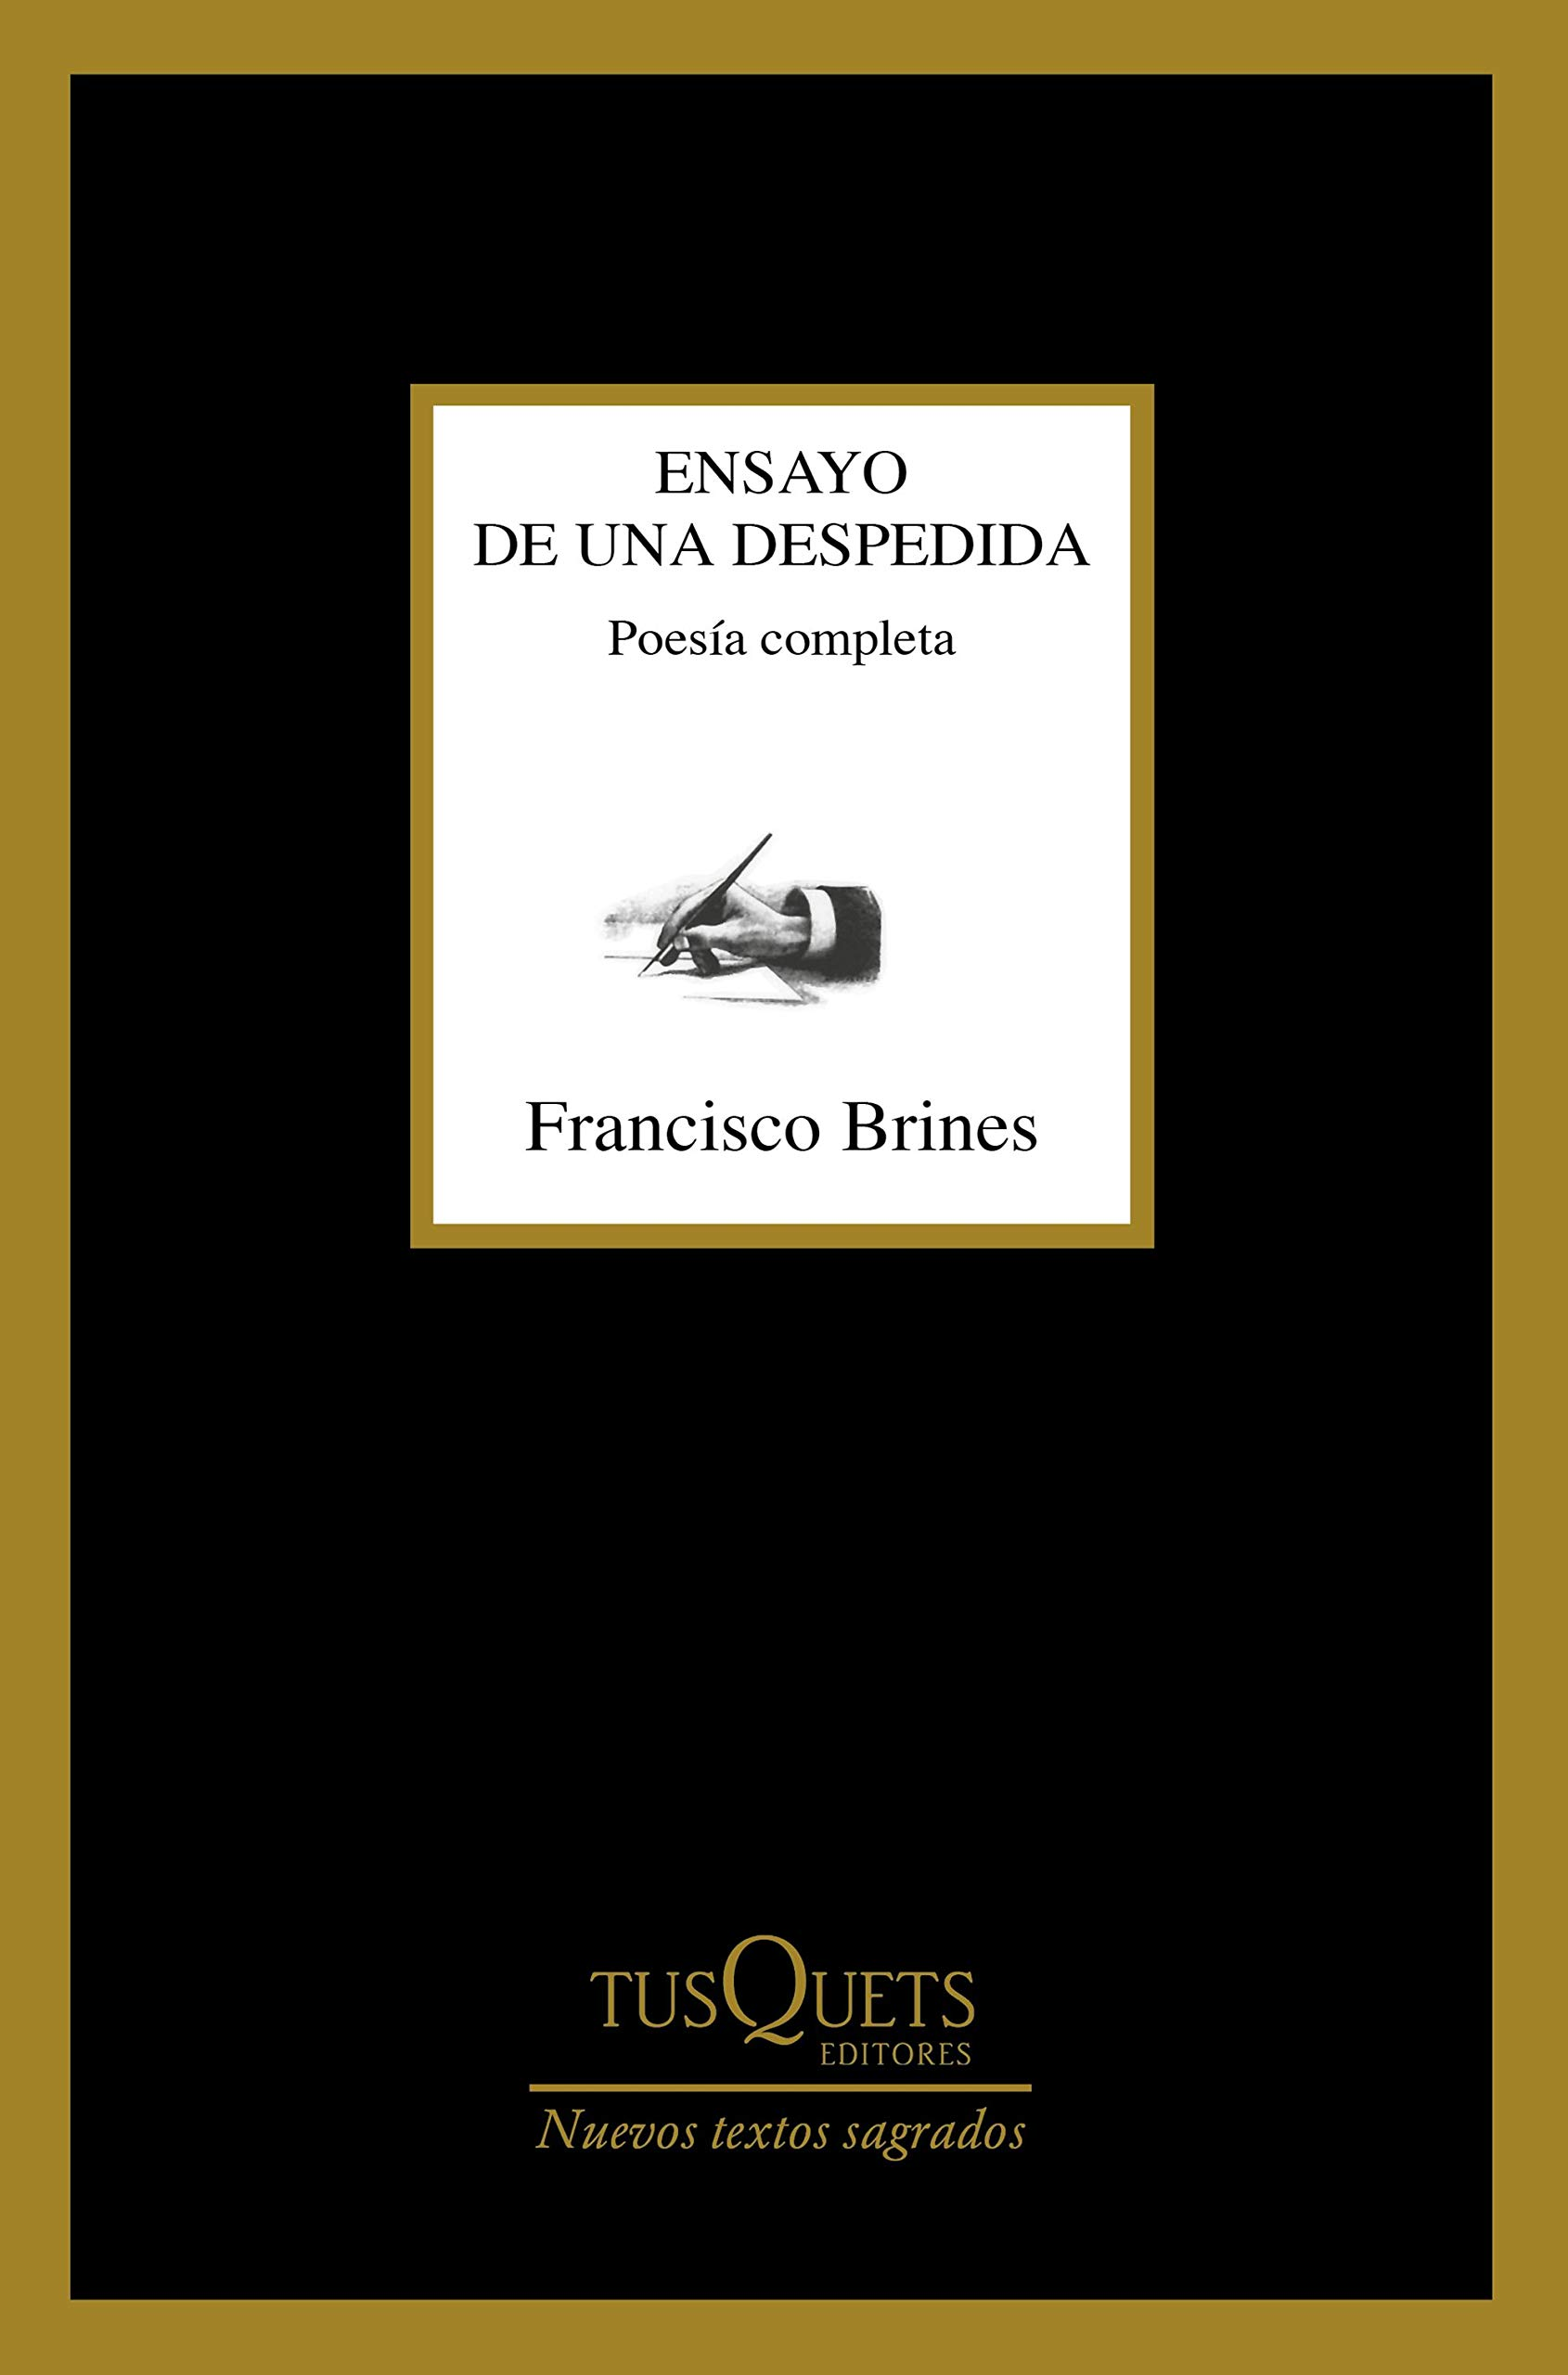 Ensayo de una despedida, de Francisco Brines - Libros para leer el Día de la Poesía